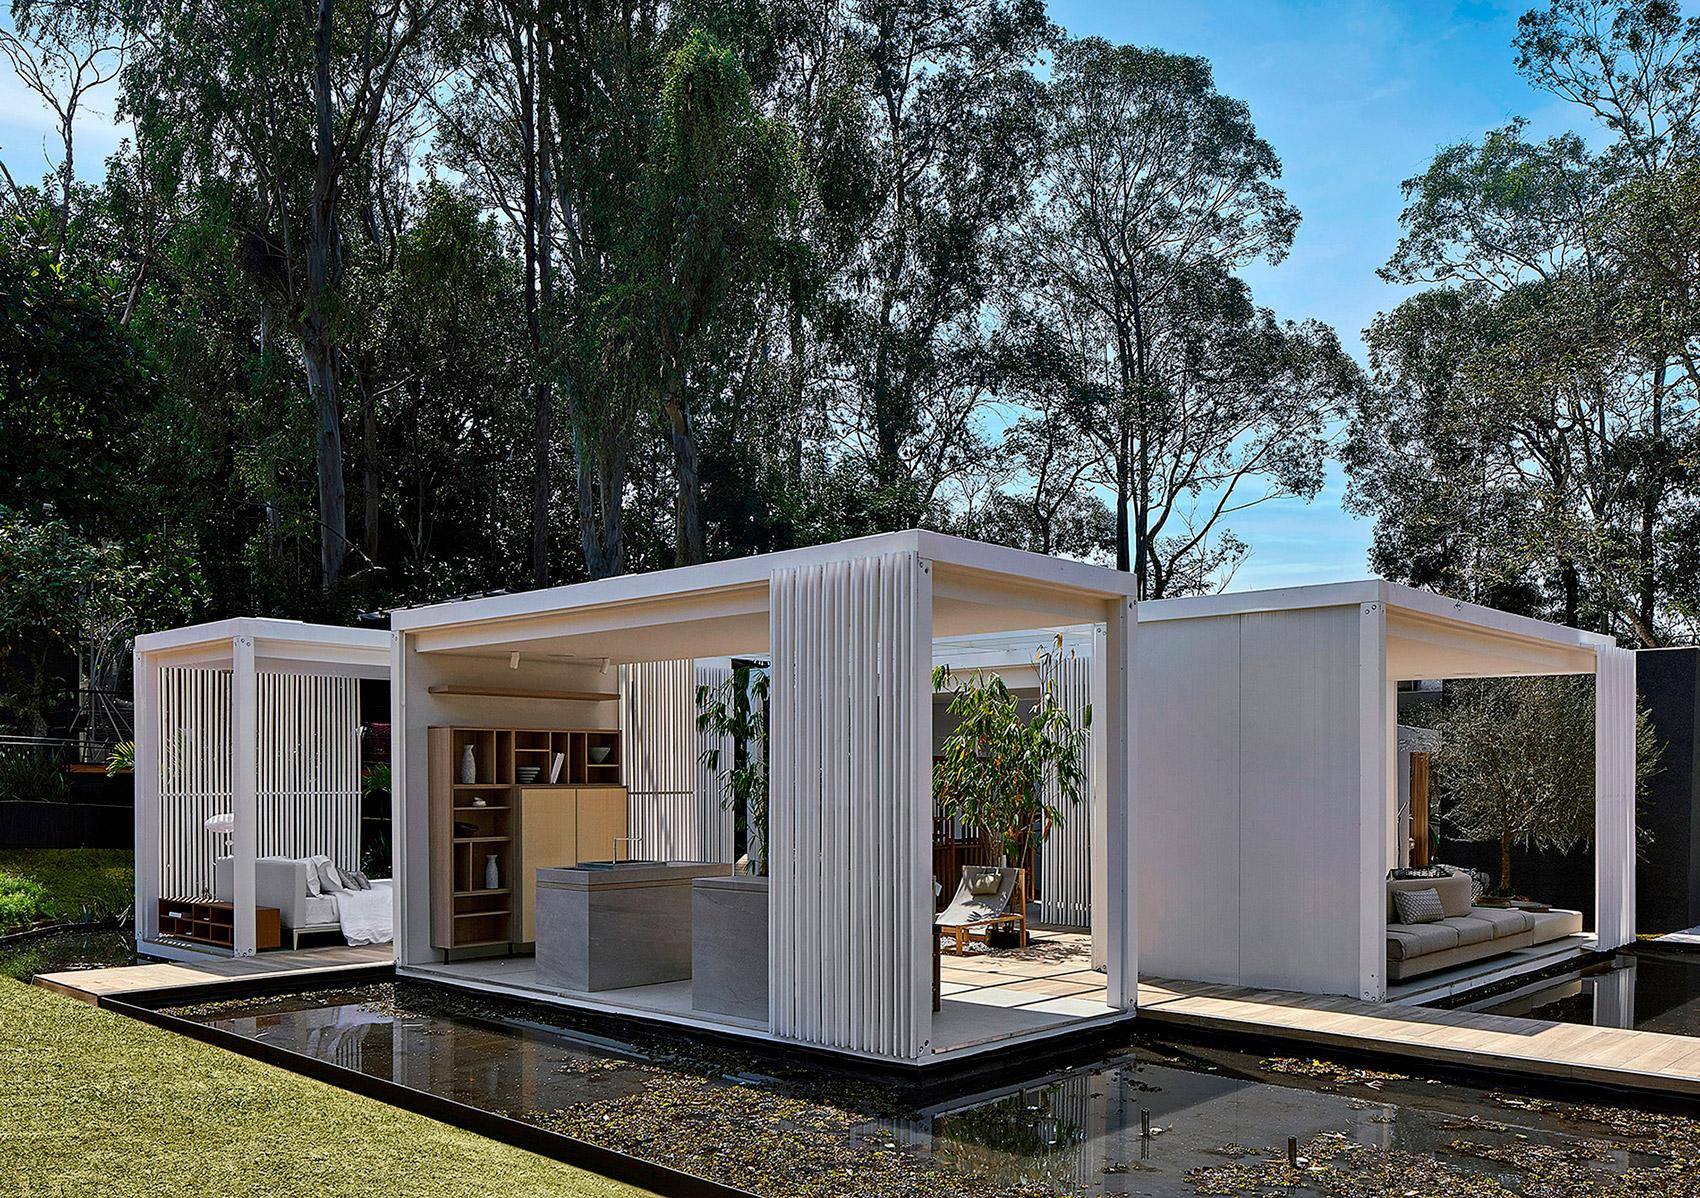 Espelho D'Água Mini Pavilhão Cristina Menezes Minas Gerais 2021 modulo conteiner arquitetura decoração